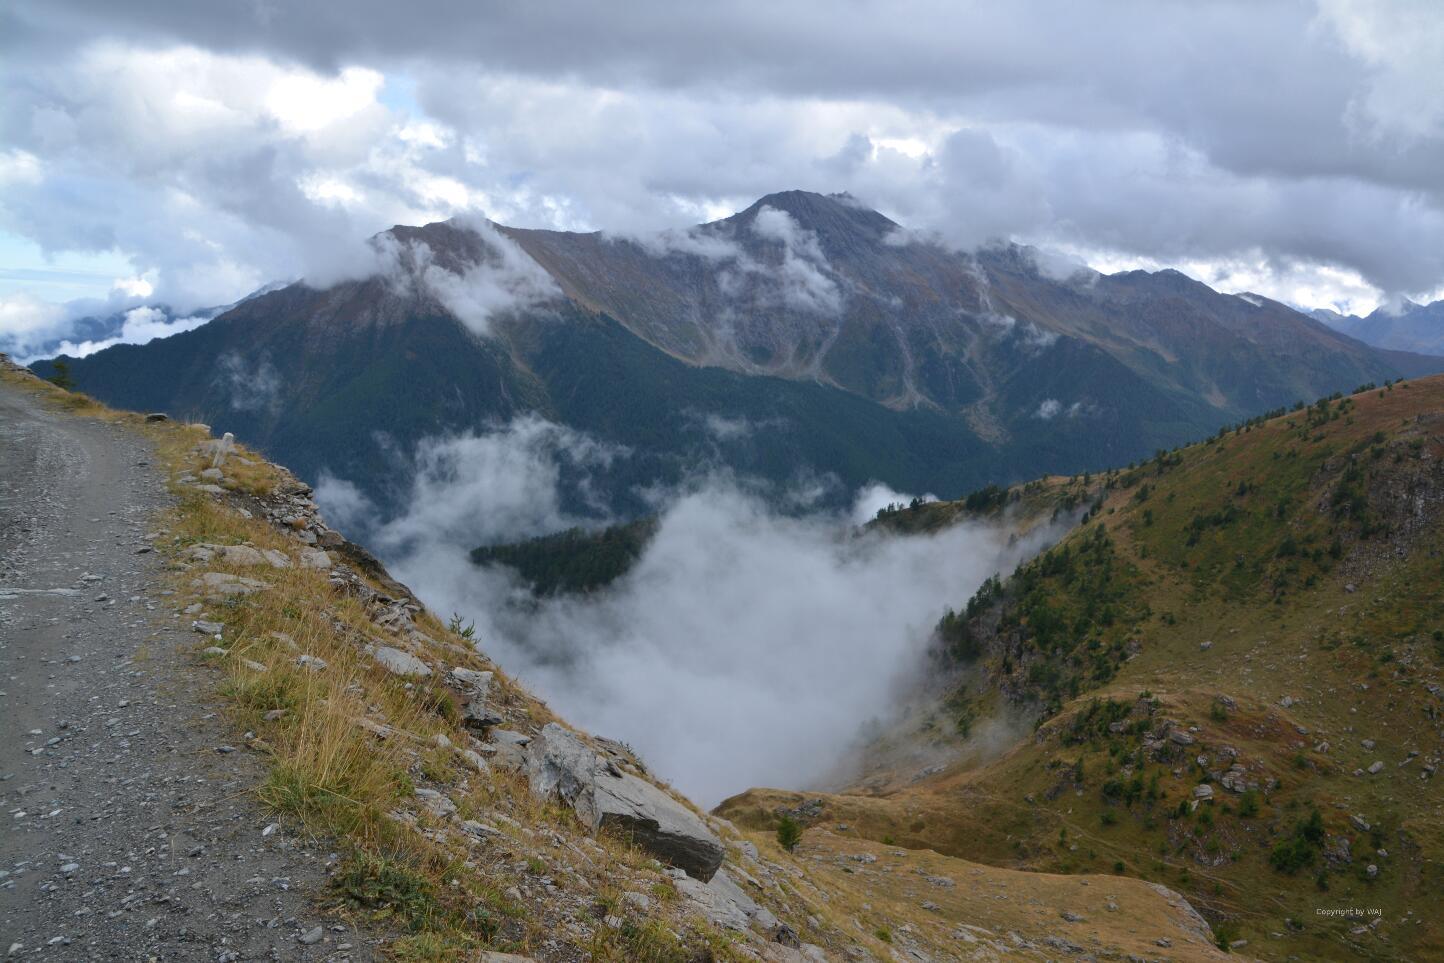 Wolken steigen aus dem Tal